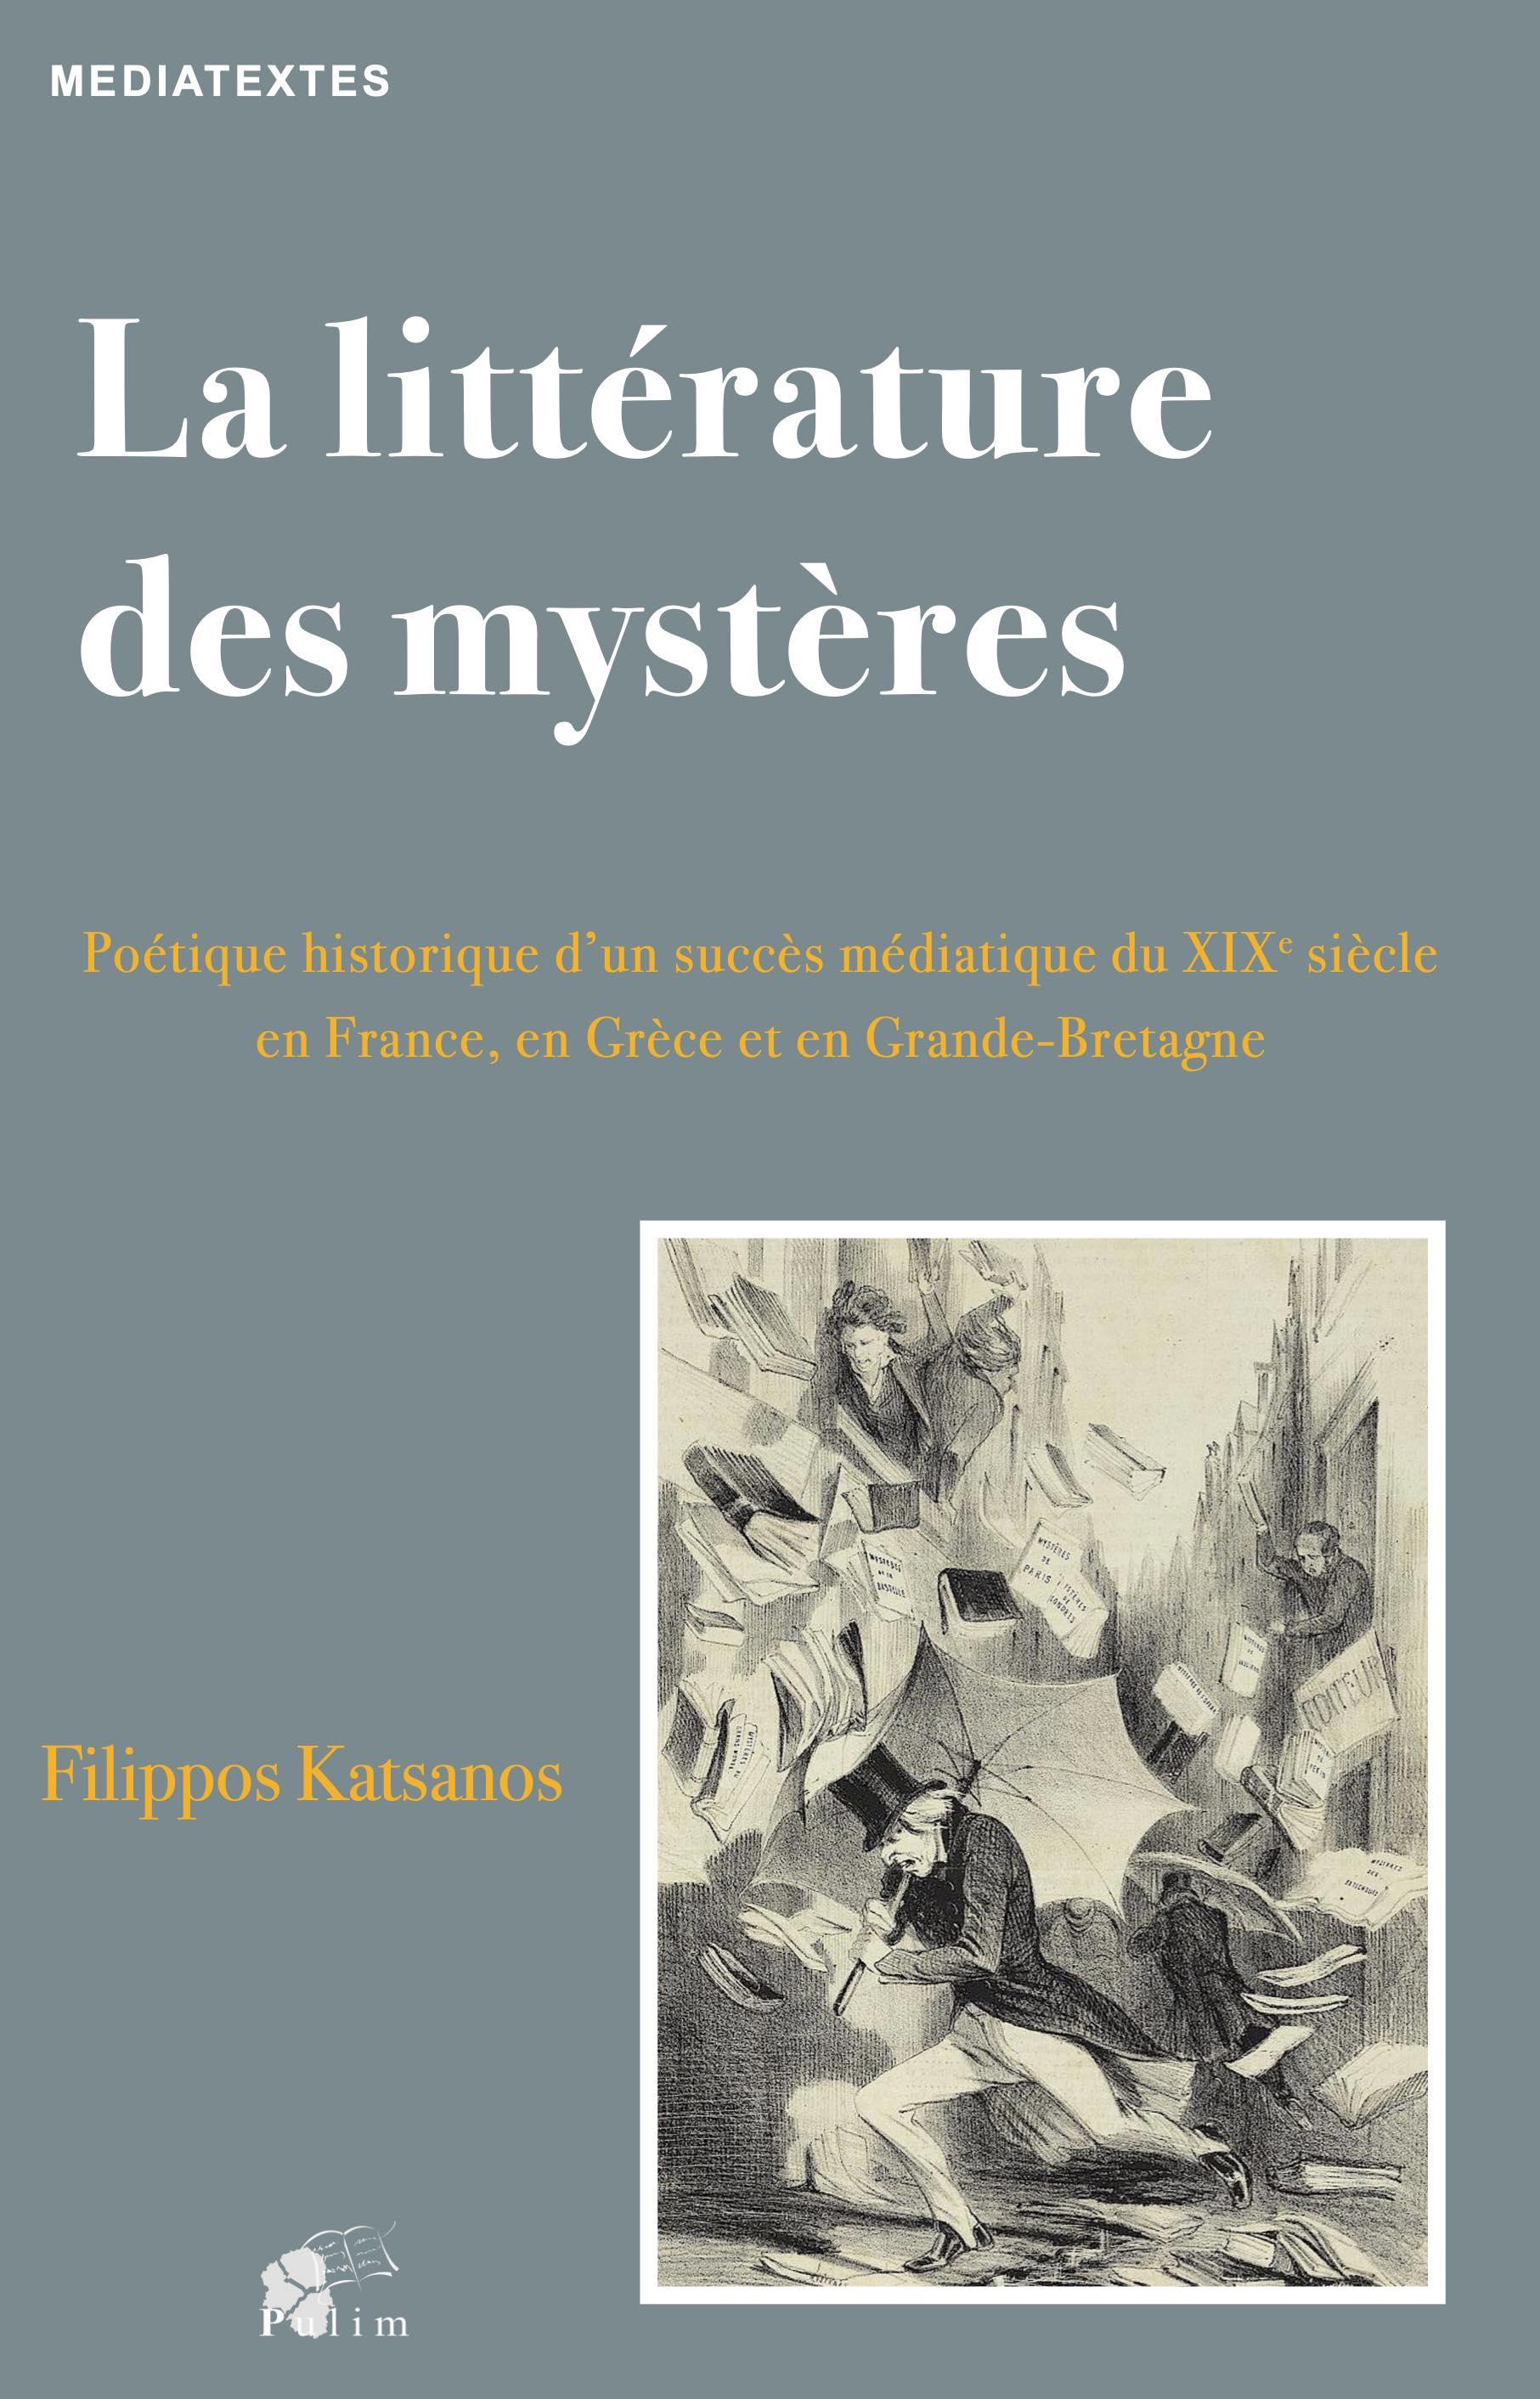 F. Katsanos, La littérature des mystères. Poétique historique d'un succès médiatique du XIXe s. en France, en Grèce et en Grande Bretagne